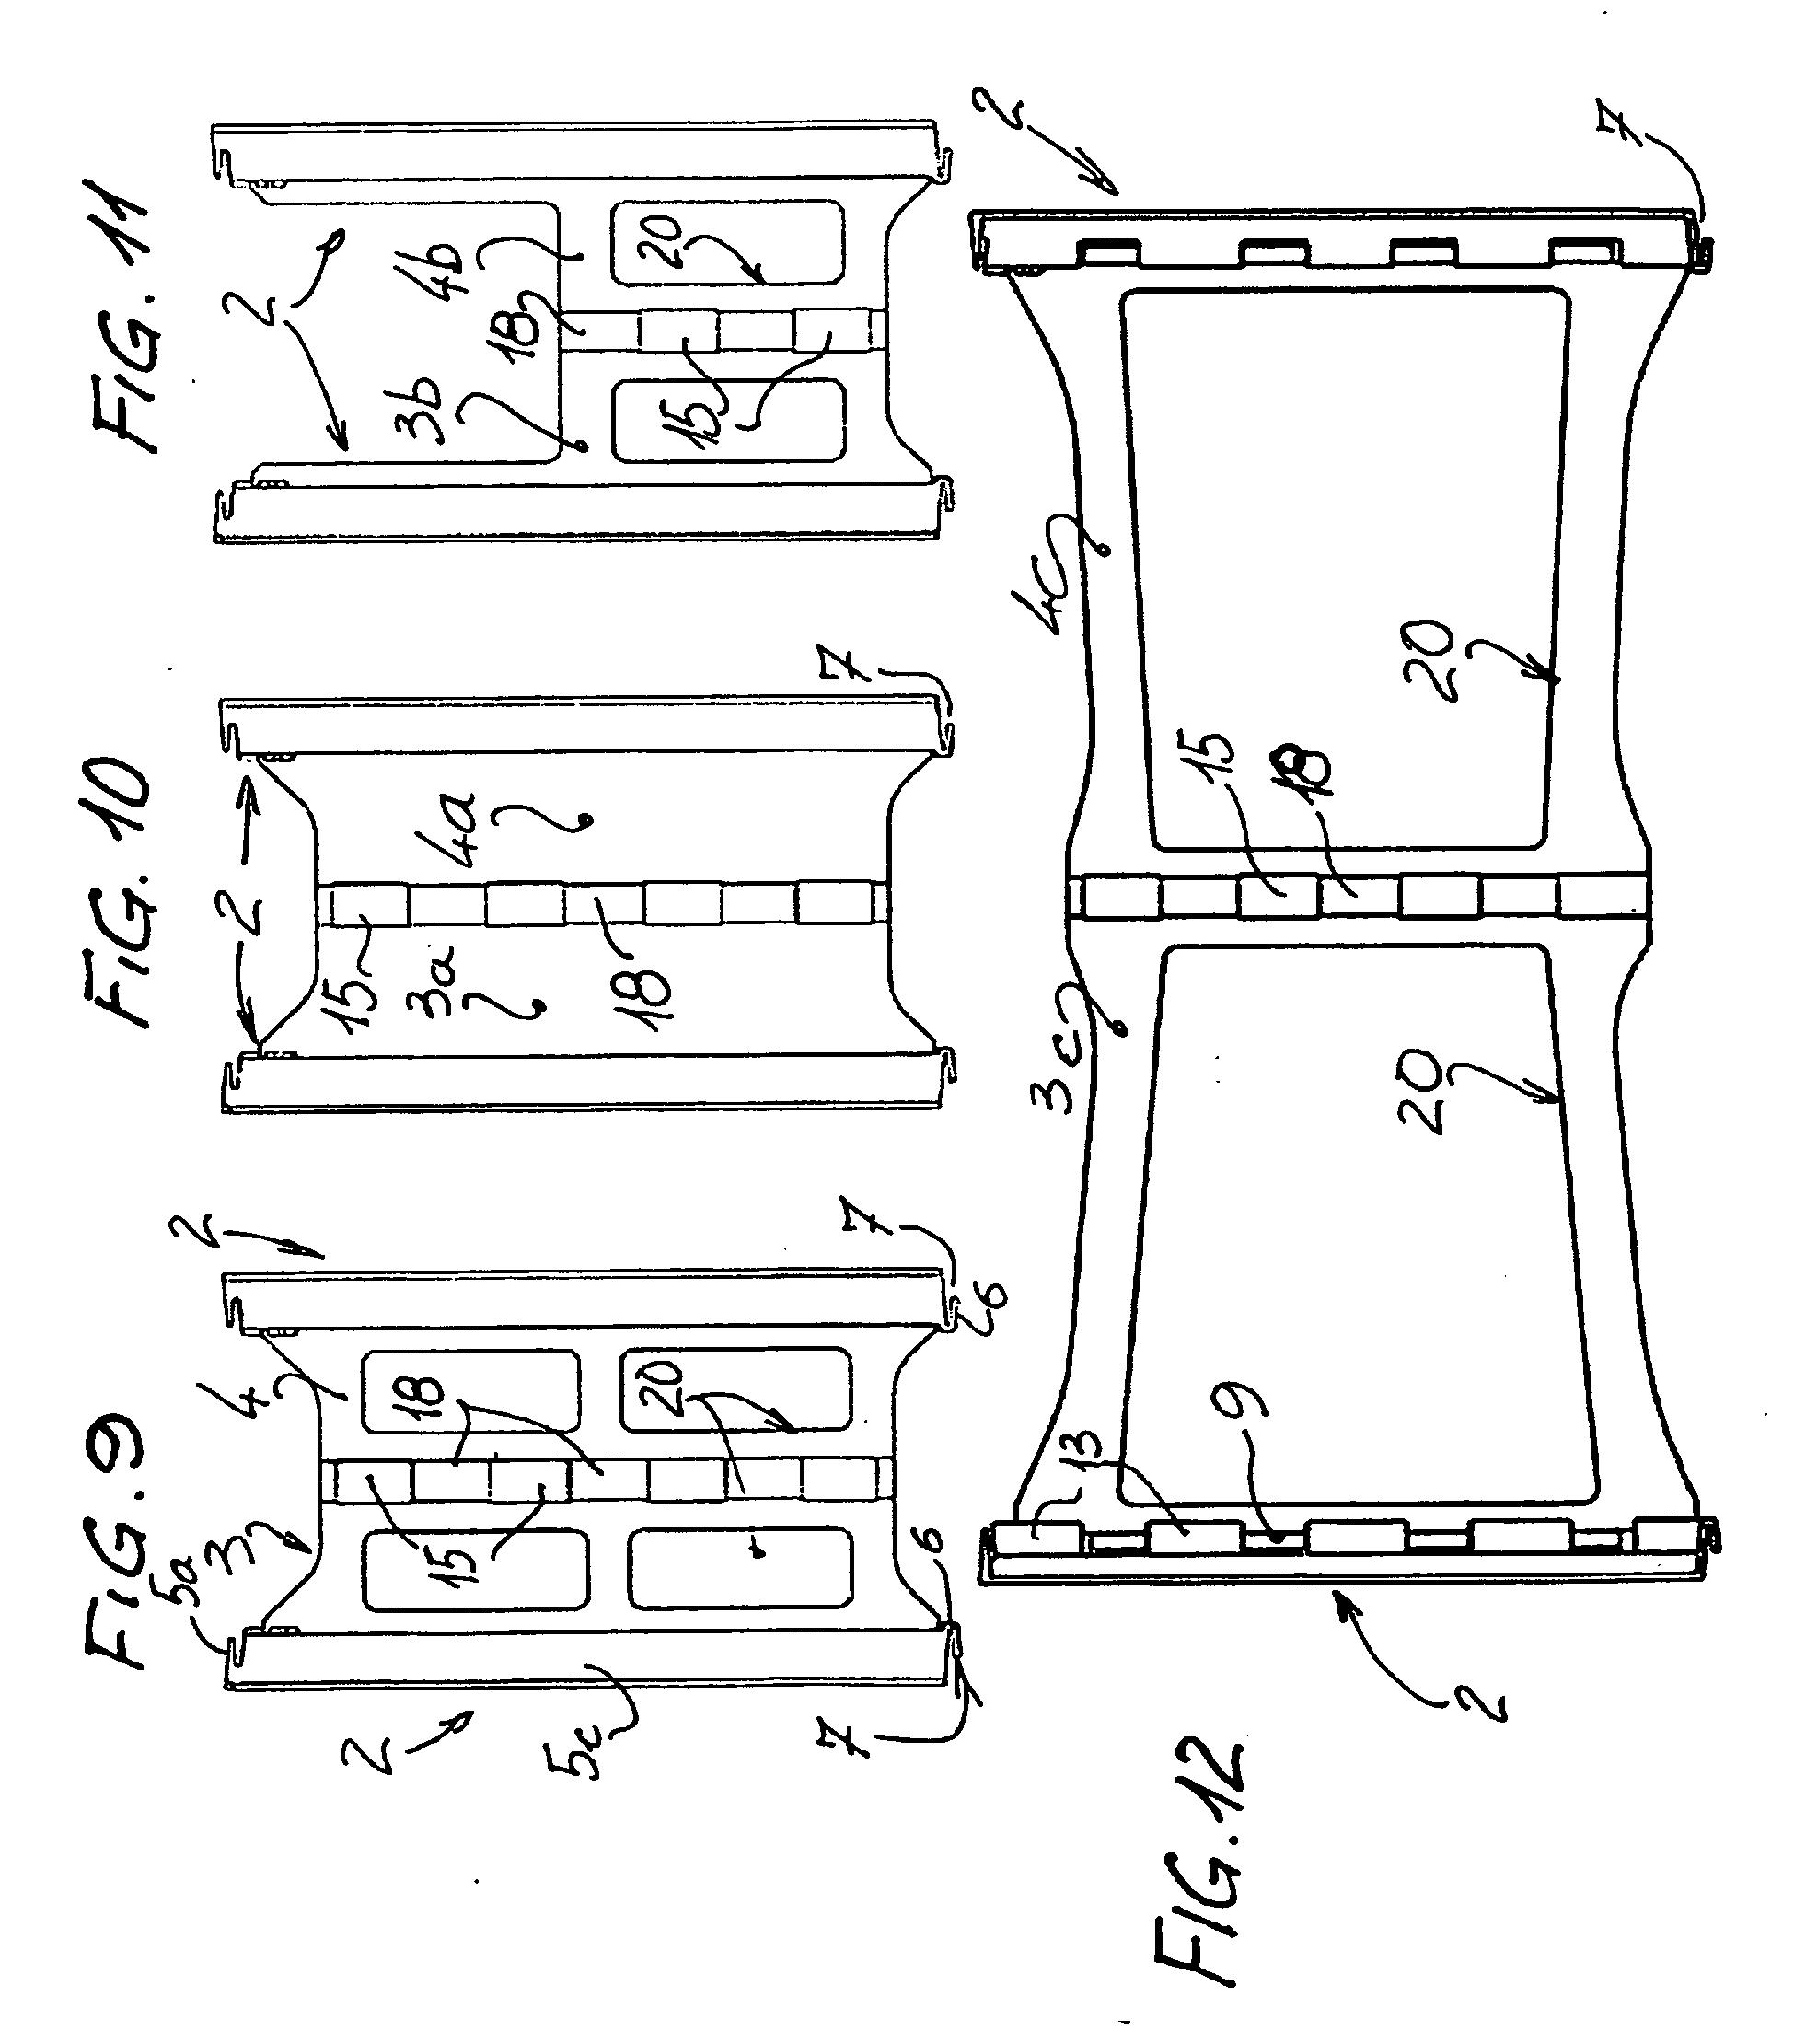 patent ep2373852b1 bloc a bancher pliable pour la. Black Bedroom Furniture Sets. Home Design Ideas